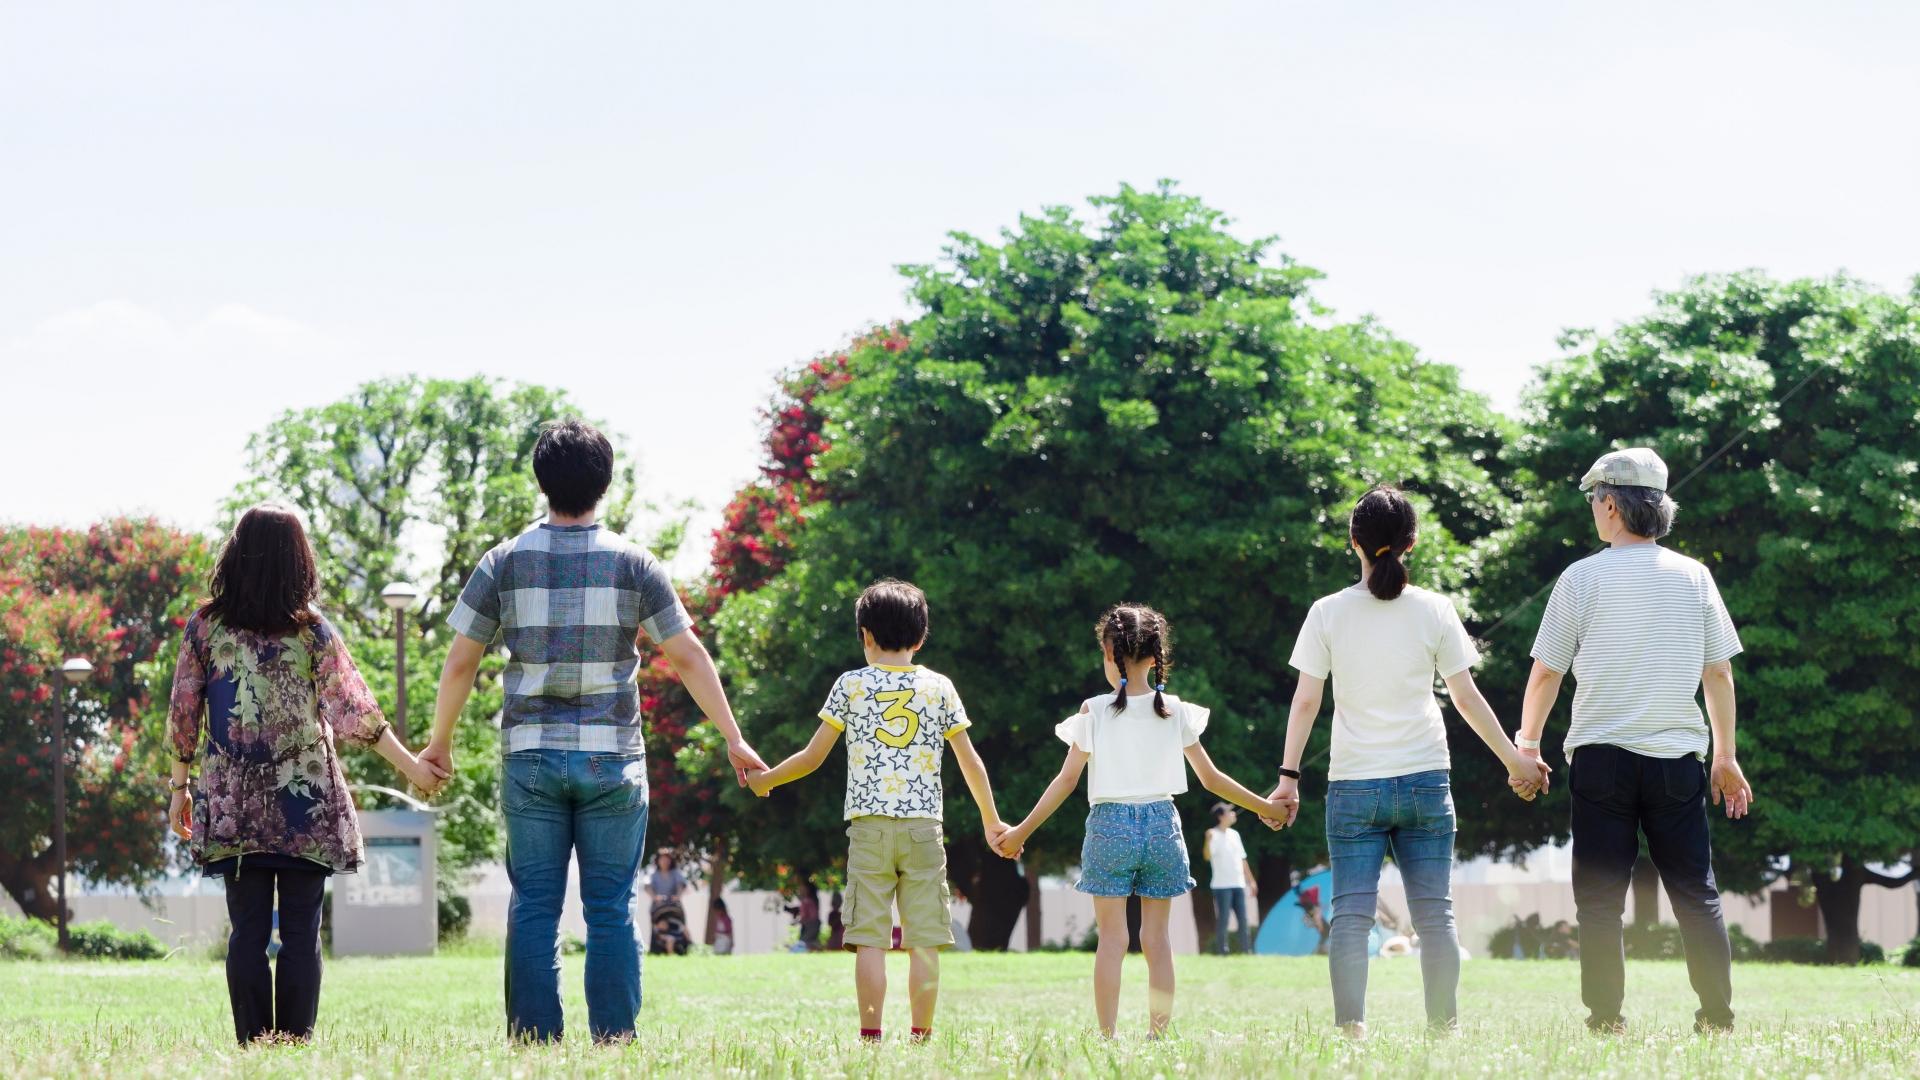 人生後半戦は家族と暮らすべきか、ひとり暮らしをするべきか|新おとな学Ver.3 snias.com